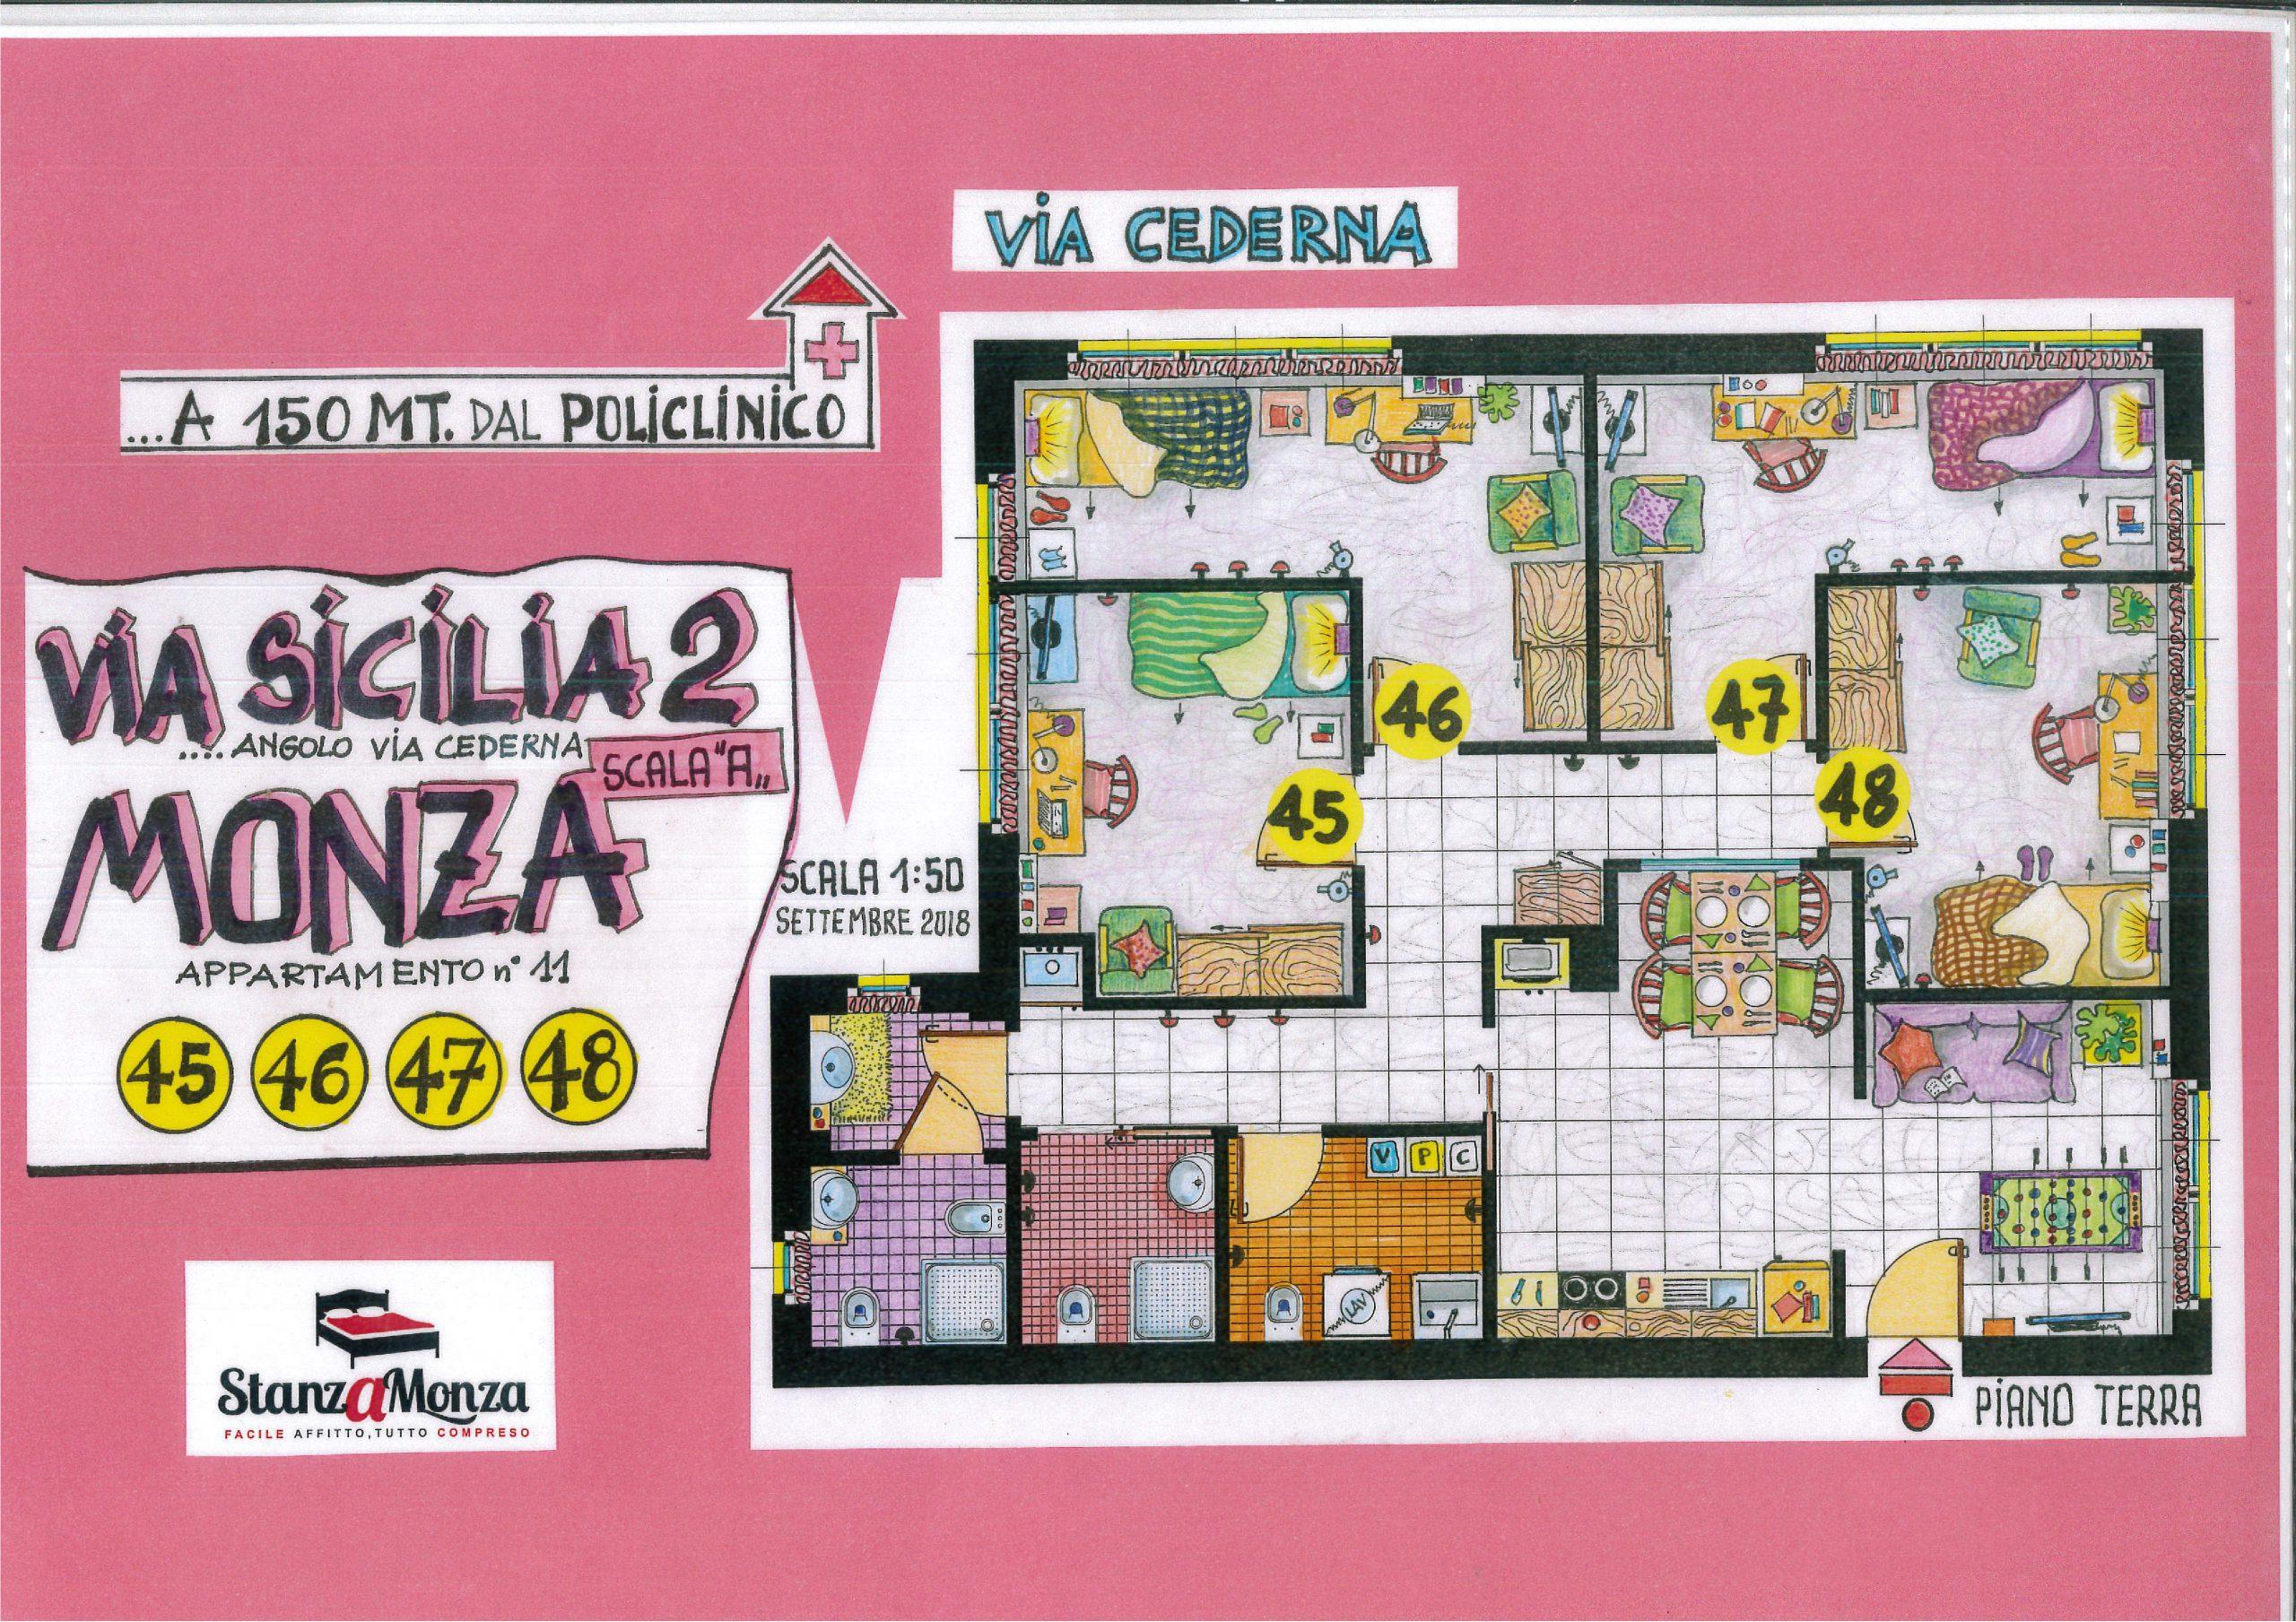 Piantina-StanzaMonza-Via-Sicilia